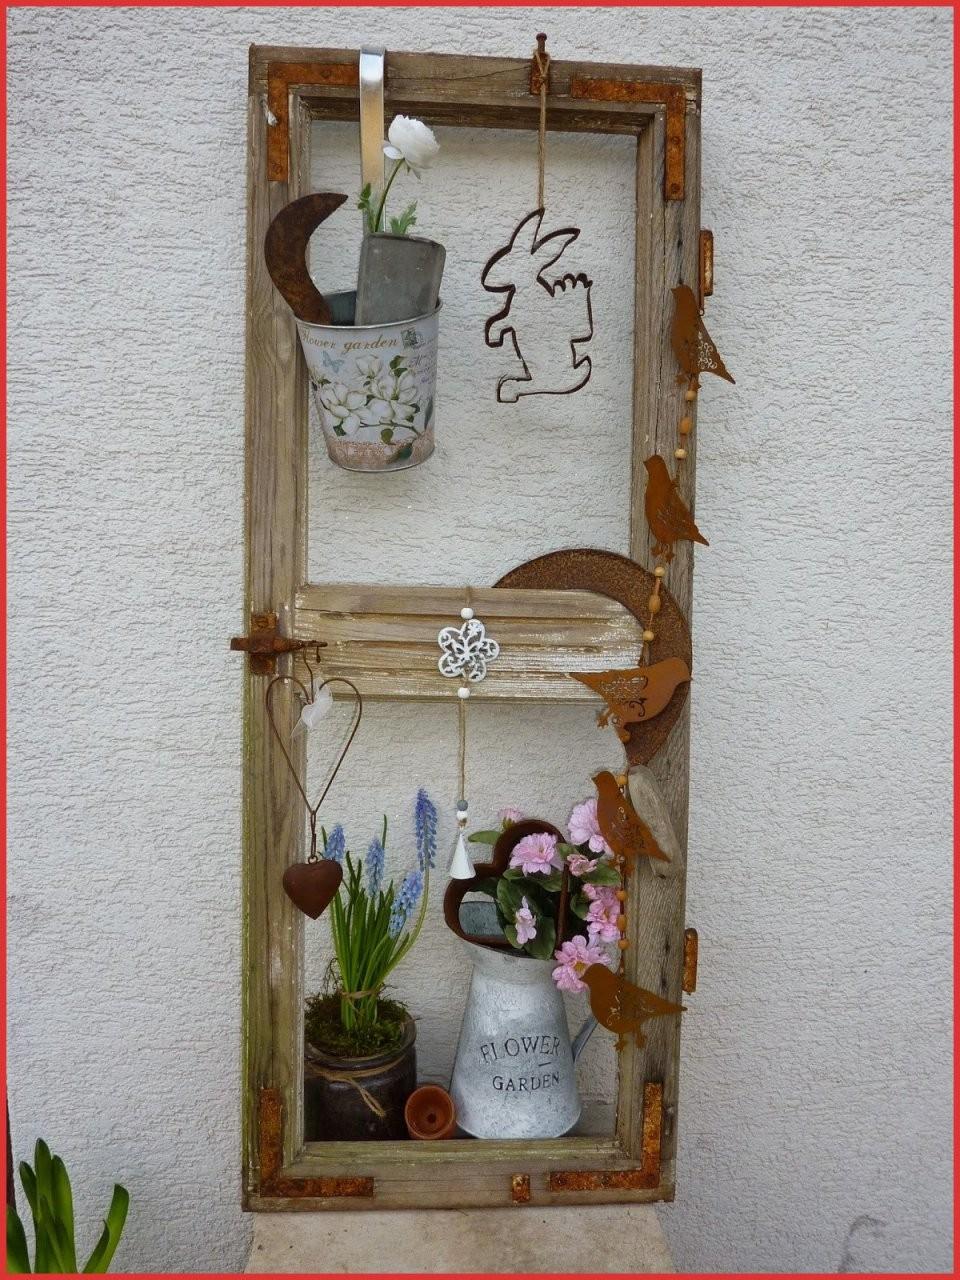 Alte Fenster Als Deko 267625 Alte Fenster Deko Ideen von Dekoration Mit Alten Fenstern Bild